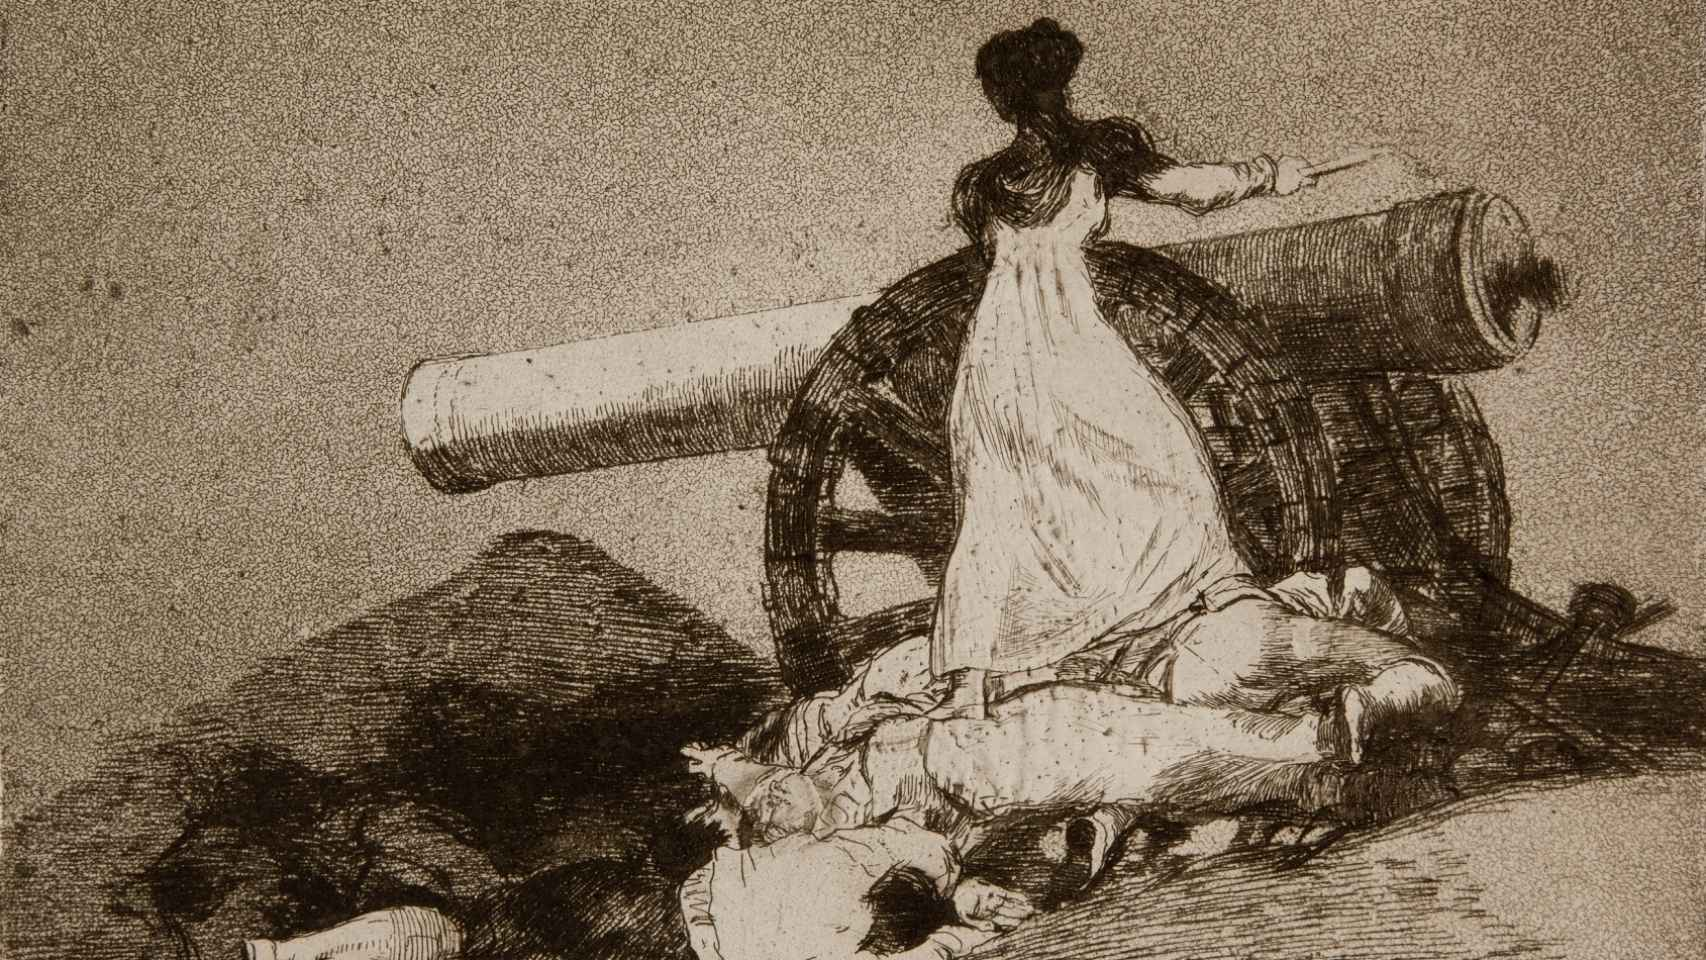 Grabado de Goya titulado '¡Qué valor!'.